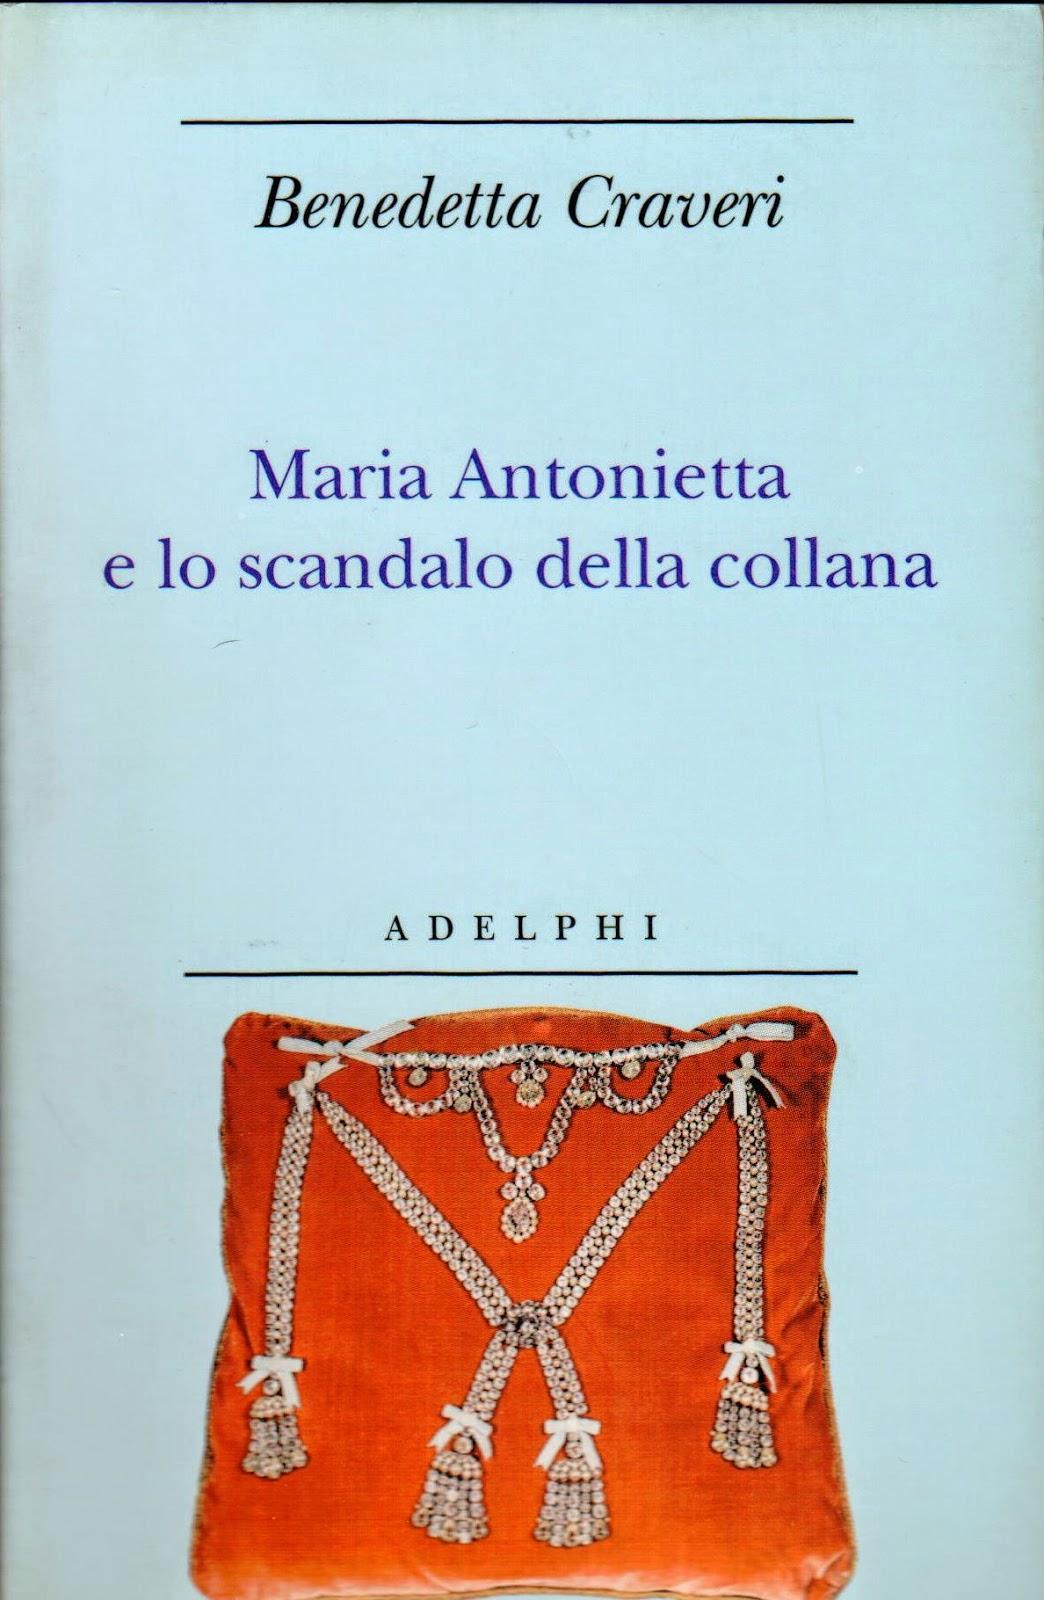 Lo Scandalo Della Collana Film mozzafiato: #libri 'maria antonietta e lo scandalo della